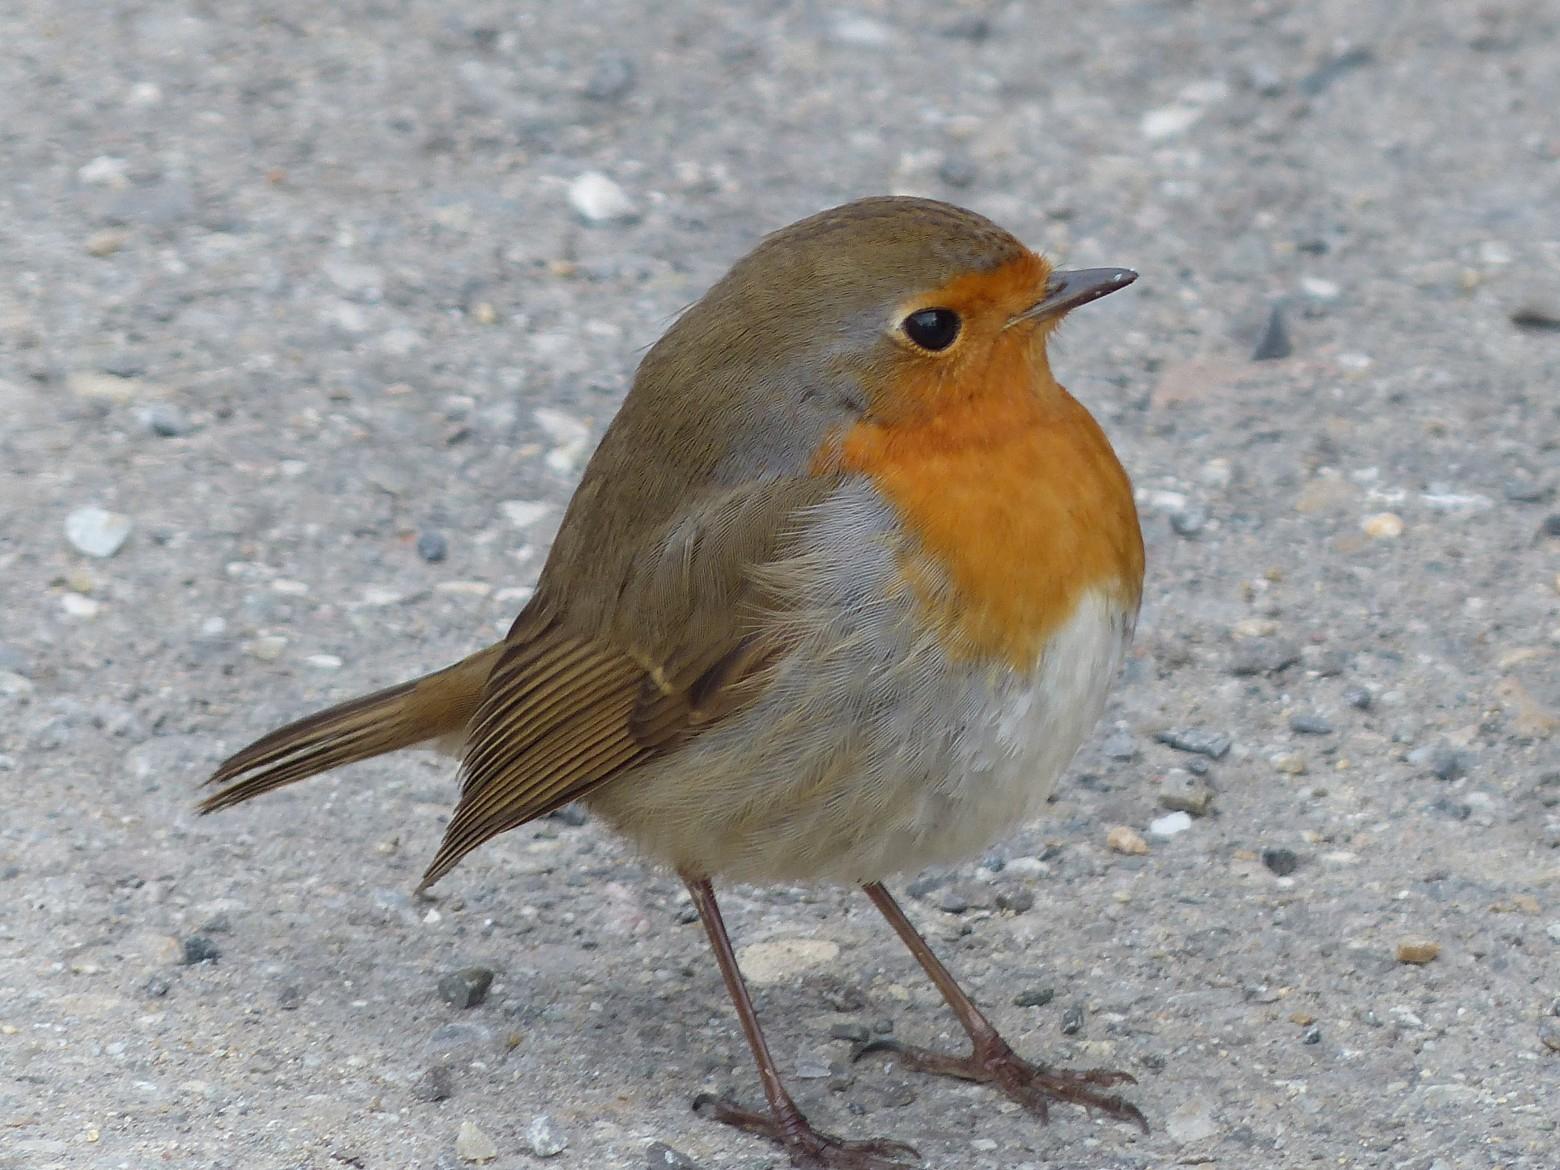 Oiseau Robin Images Photos Gratuites | Images Gratuites Et encequiconcerne Images D Oiseaux Gratuites